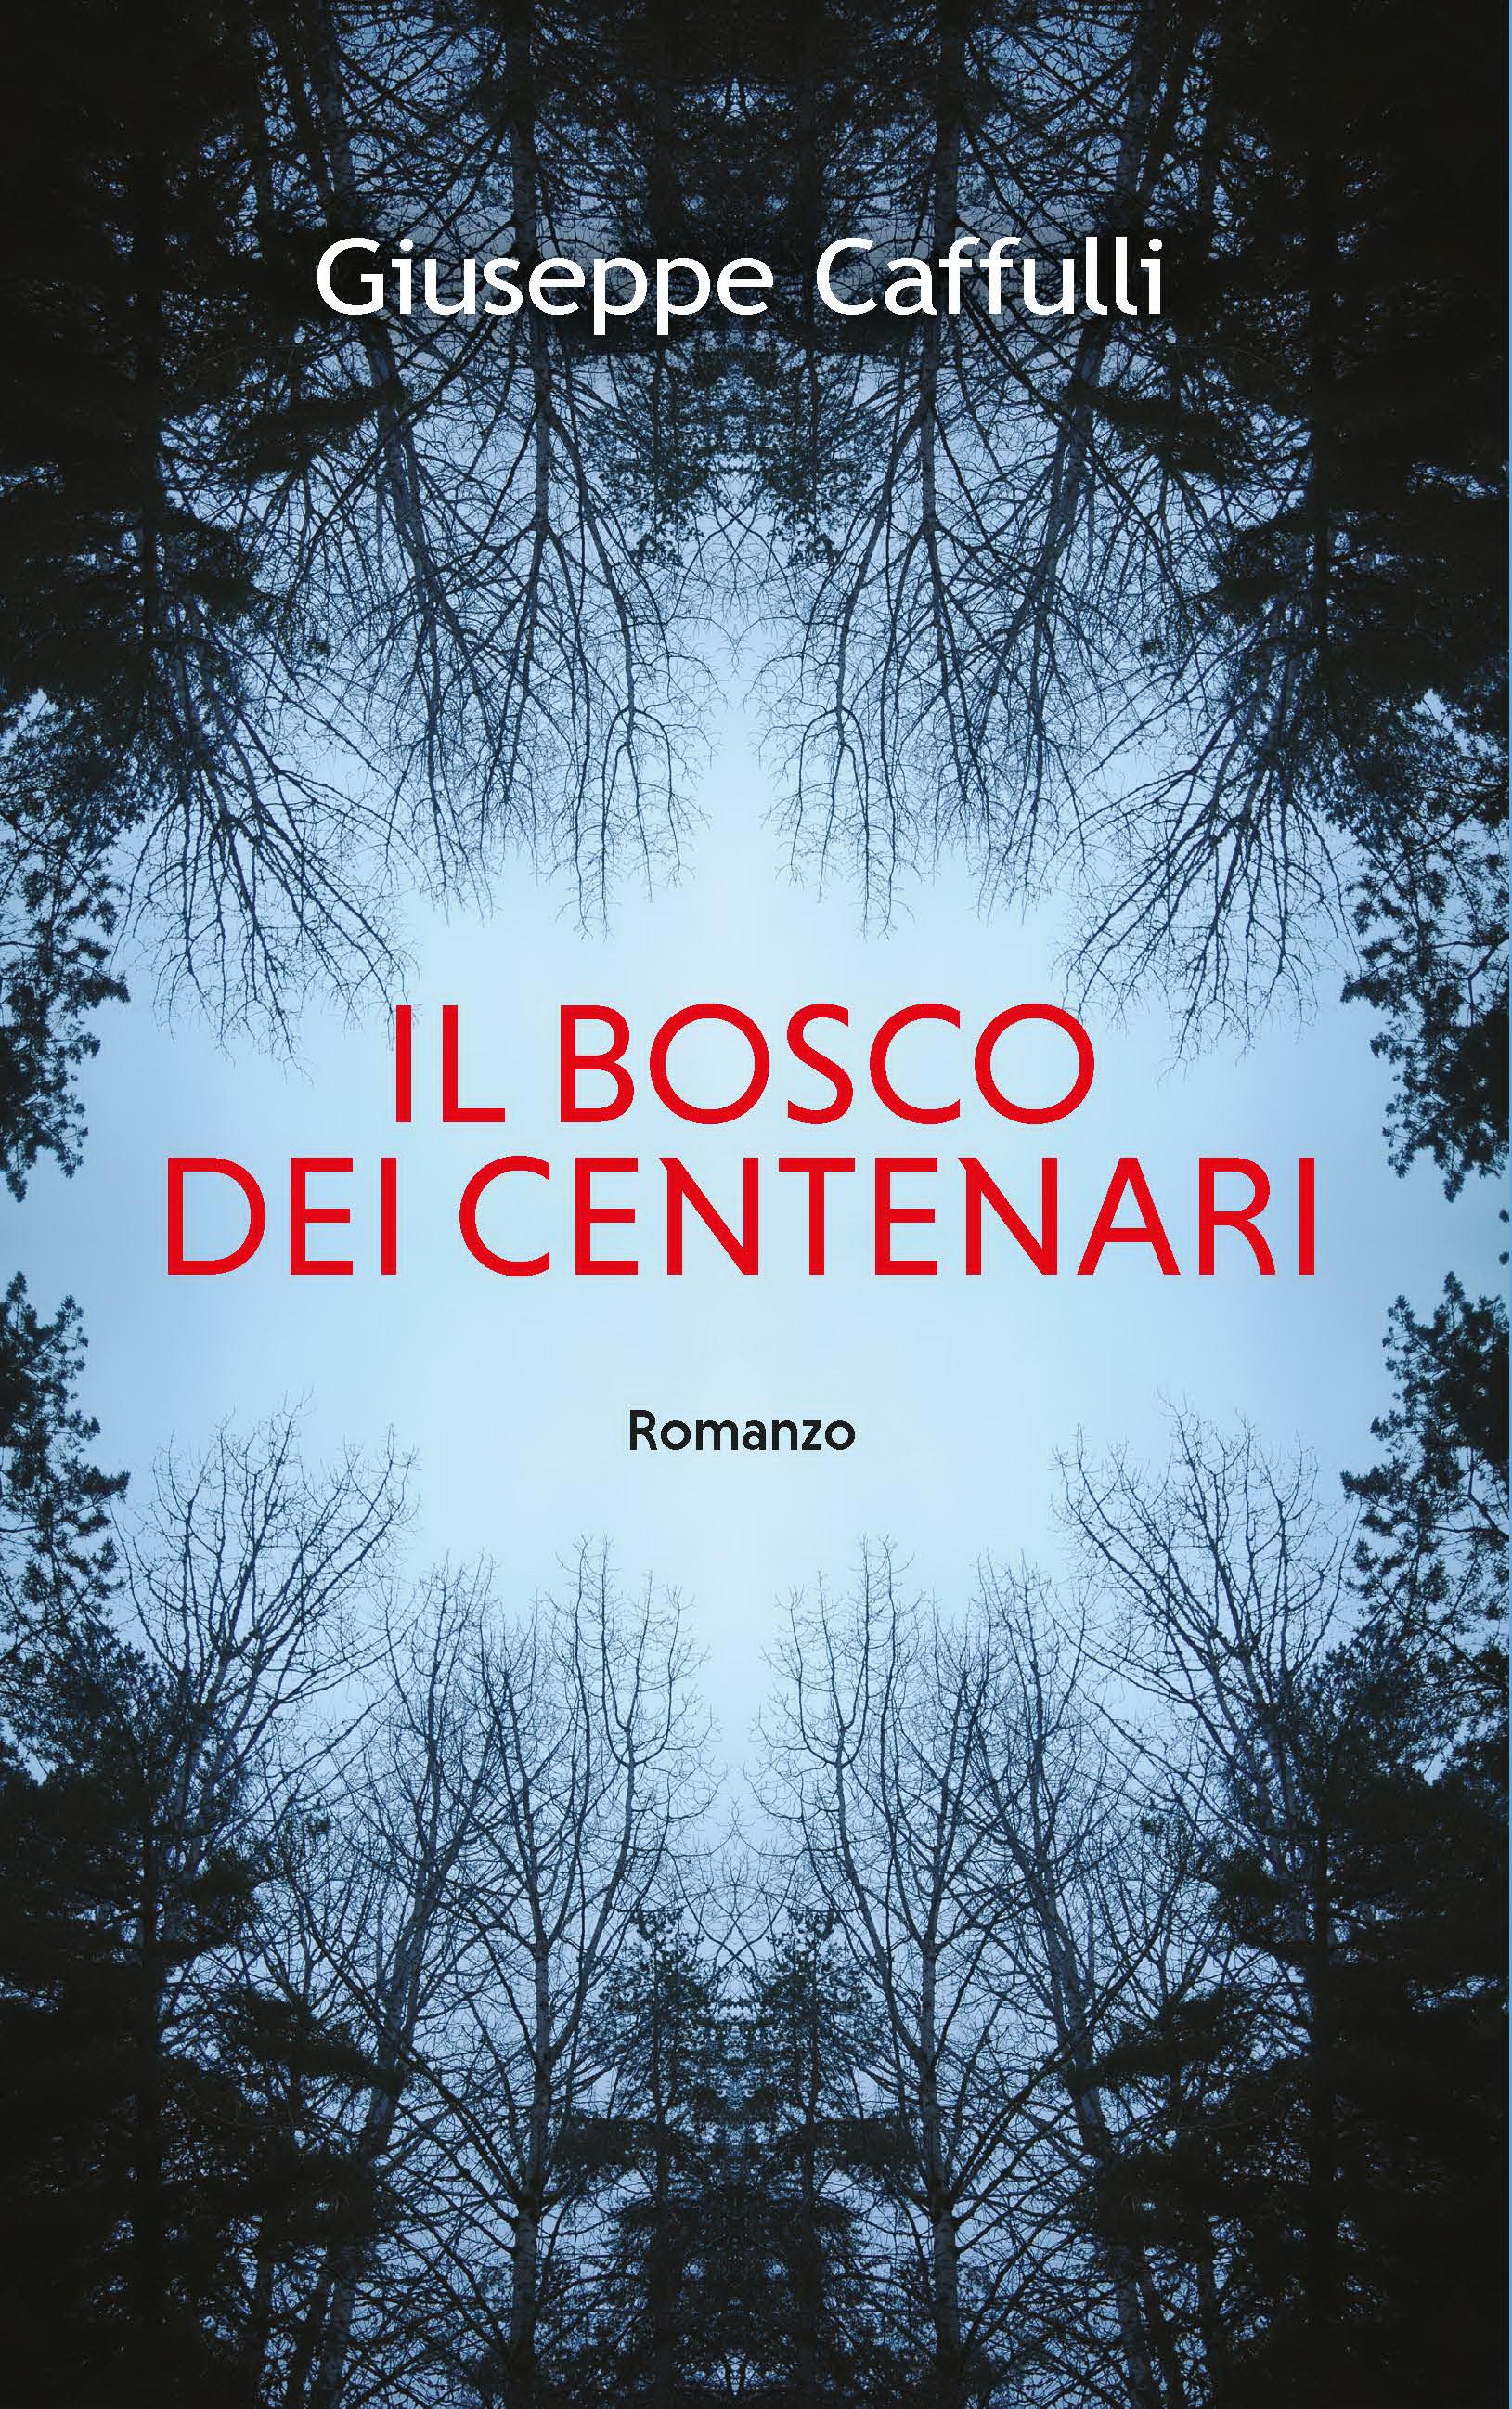 Cop_Bosco centenari